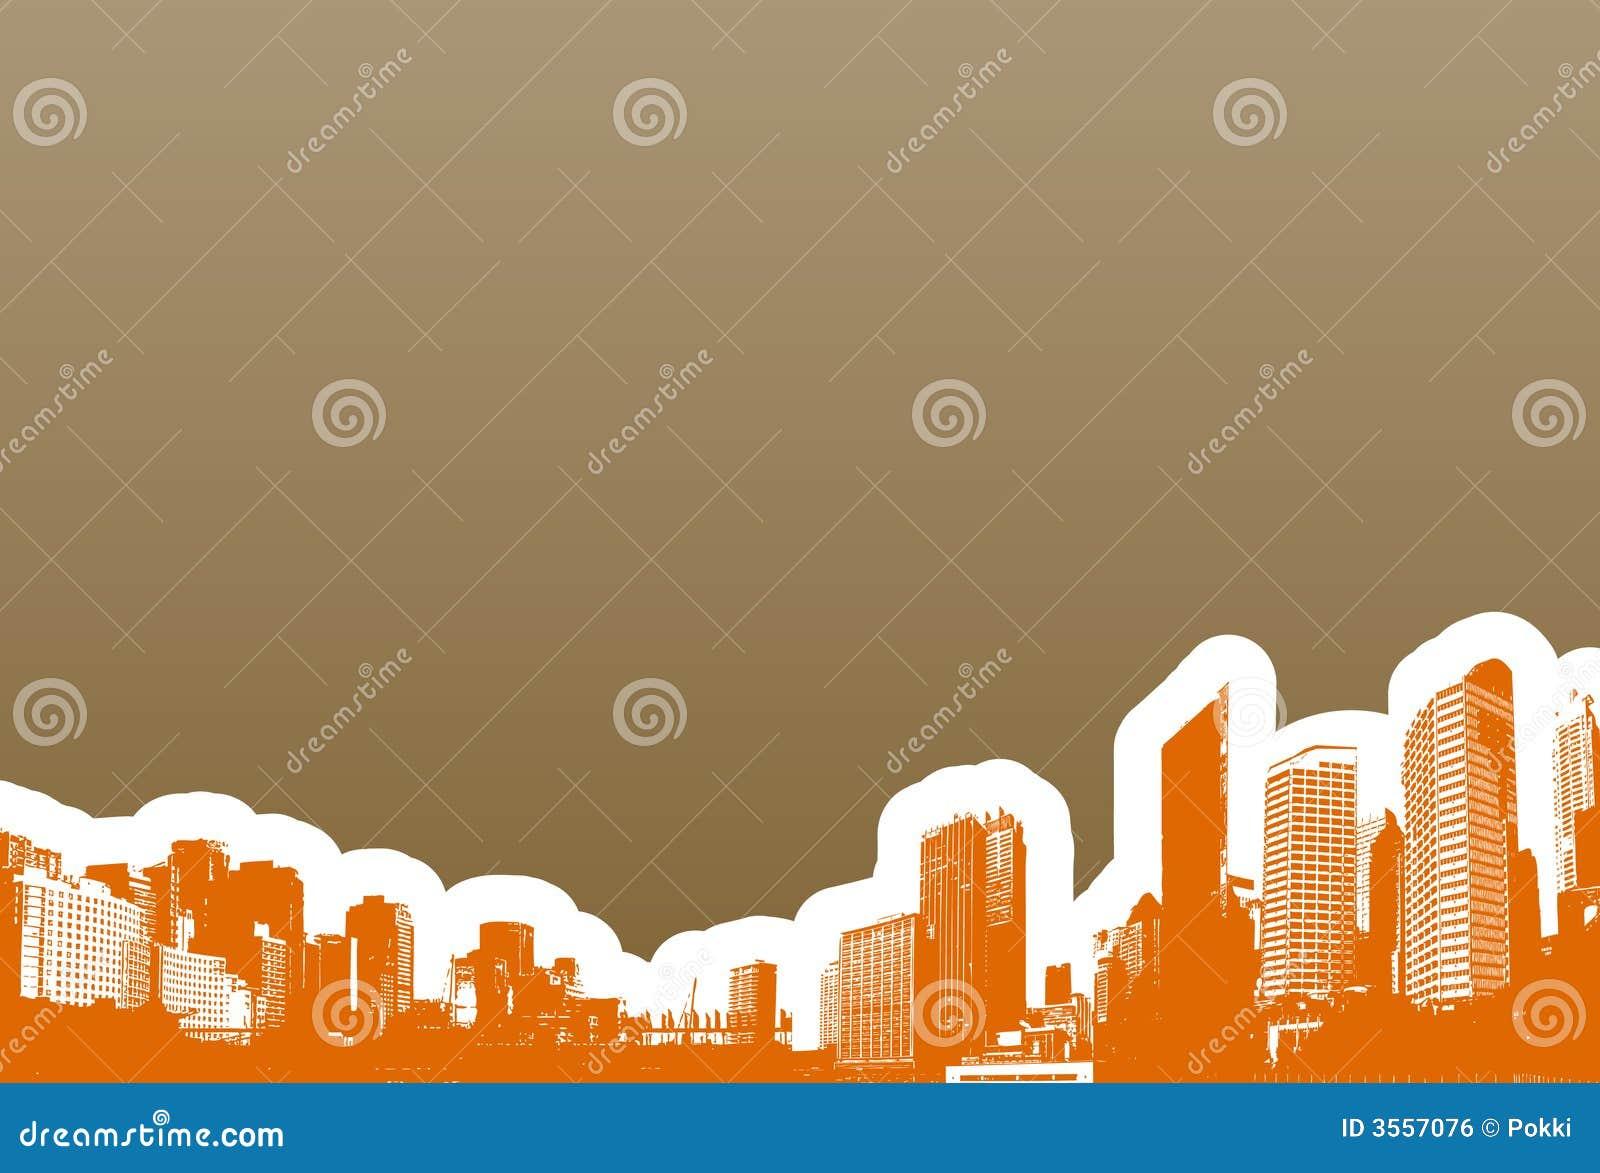 Panorama dei grattacieli. Vettore